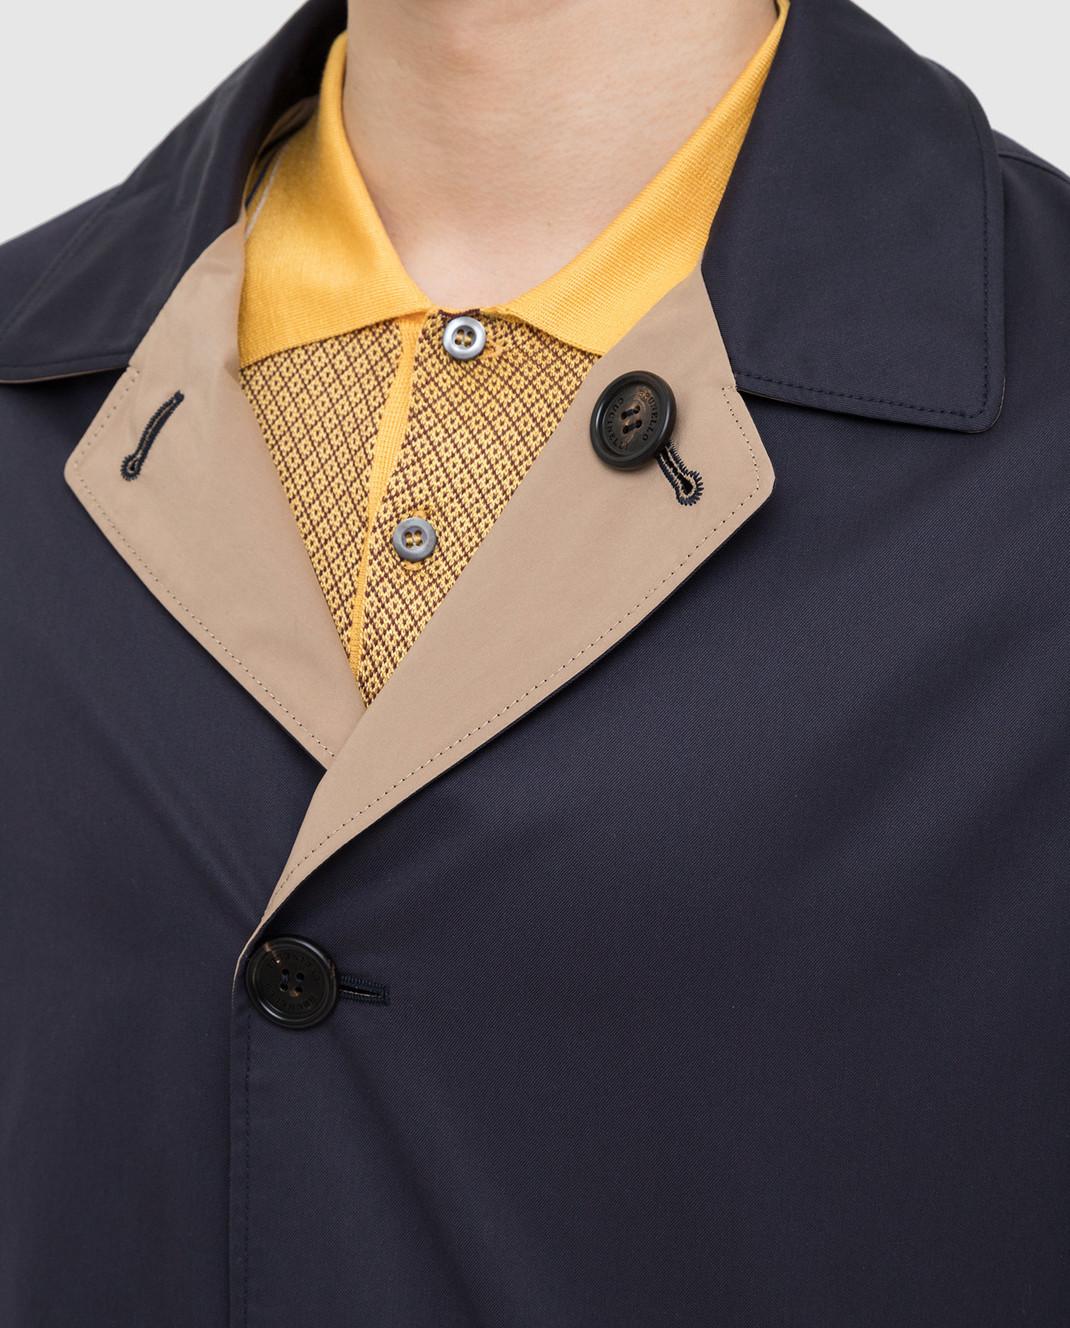 Brunello Cucinelli Двухстороннее пальто MD4506148 изображение 5